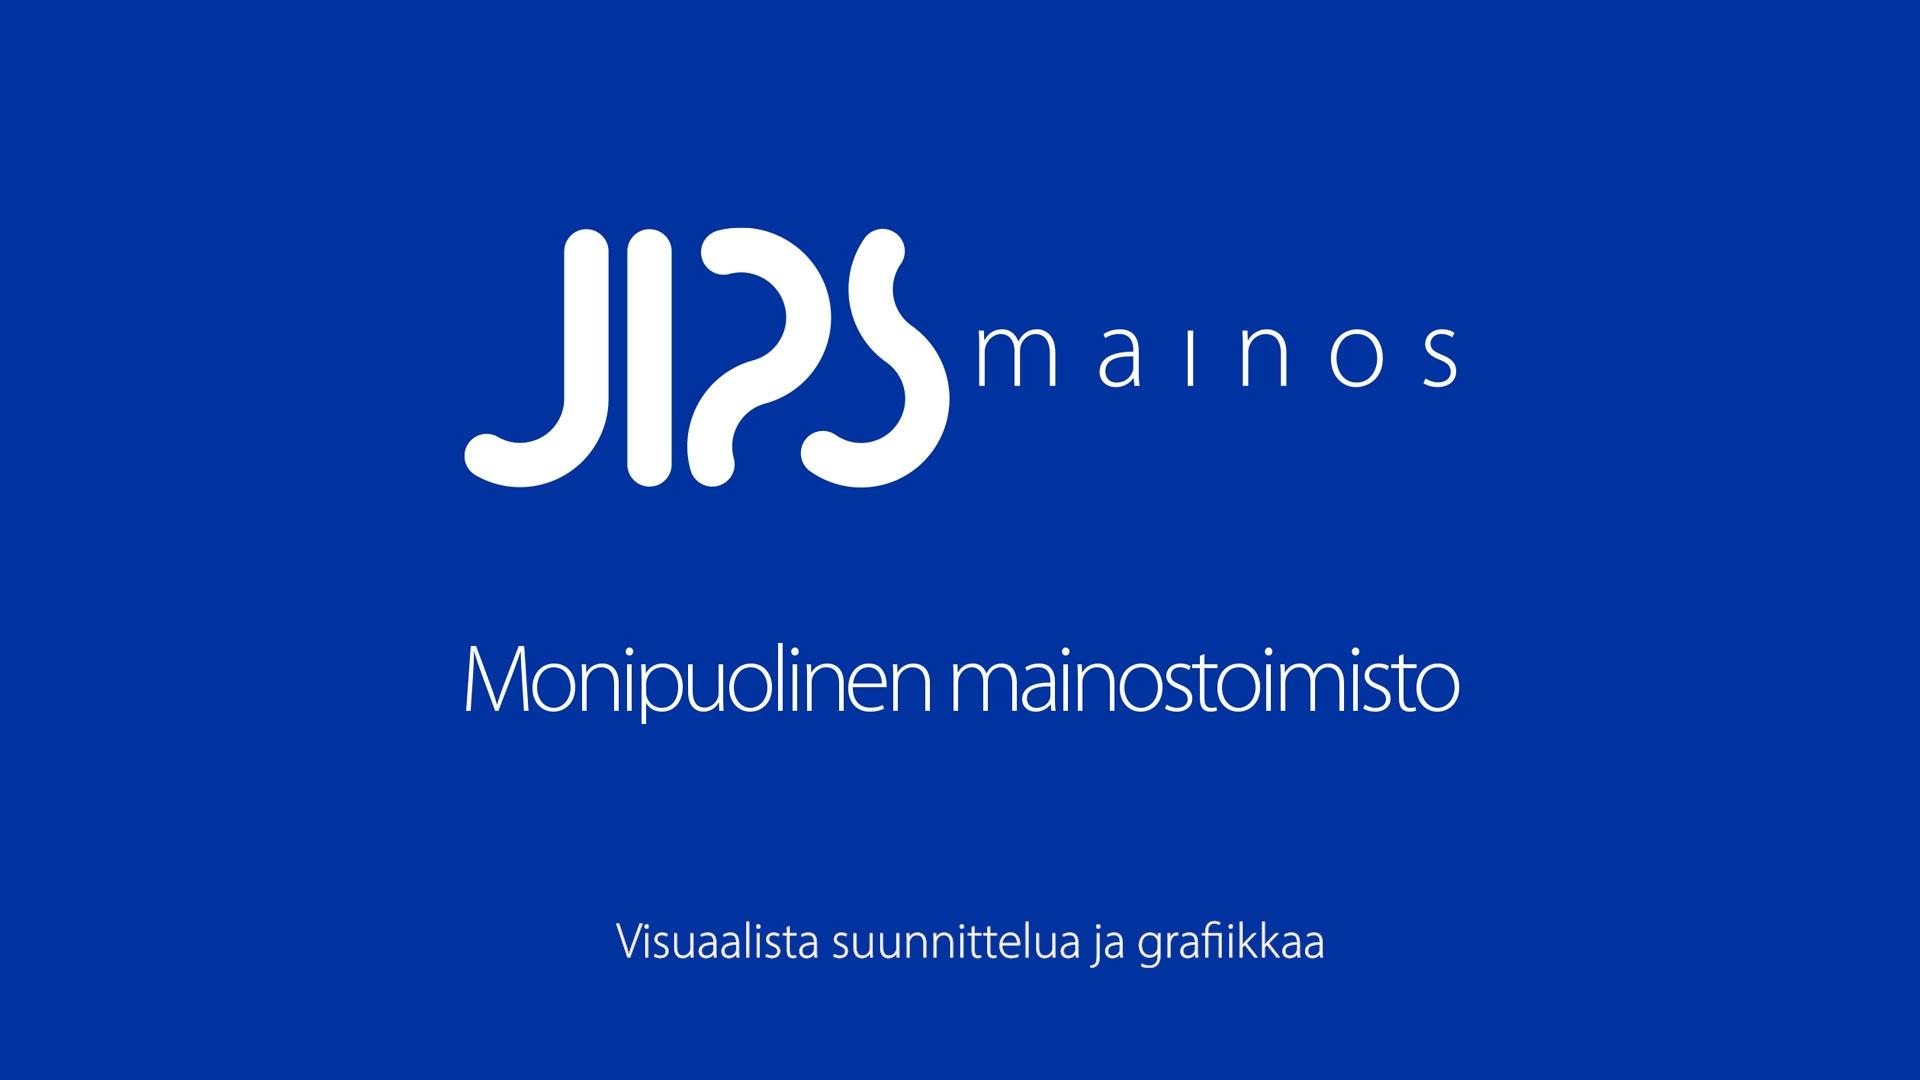 jips-visuaalista-suunnittelua-grafiikkaa